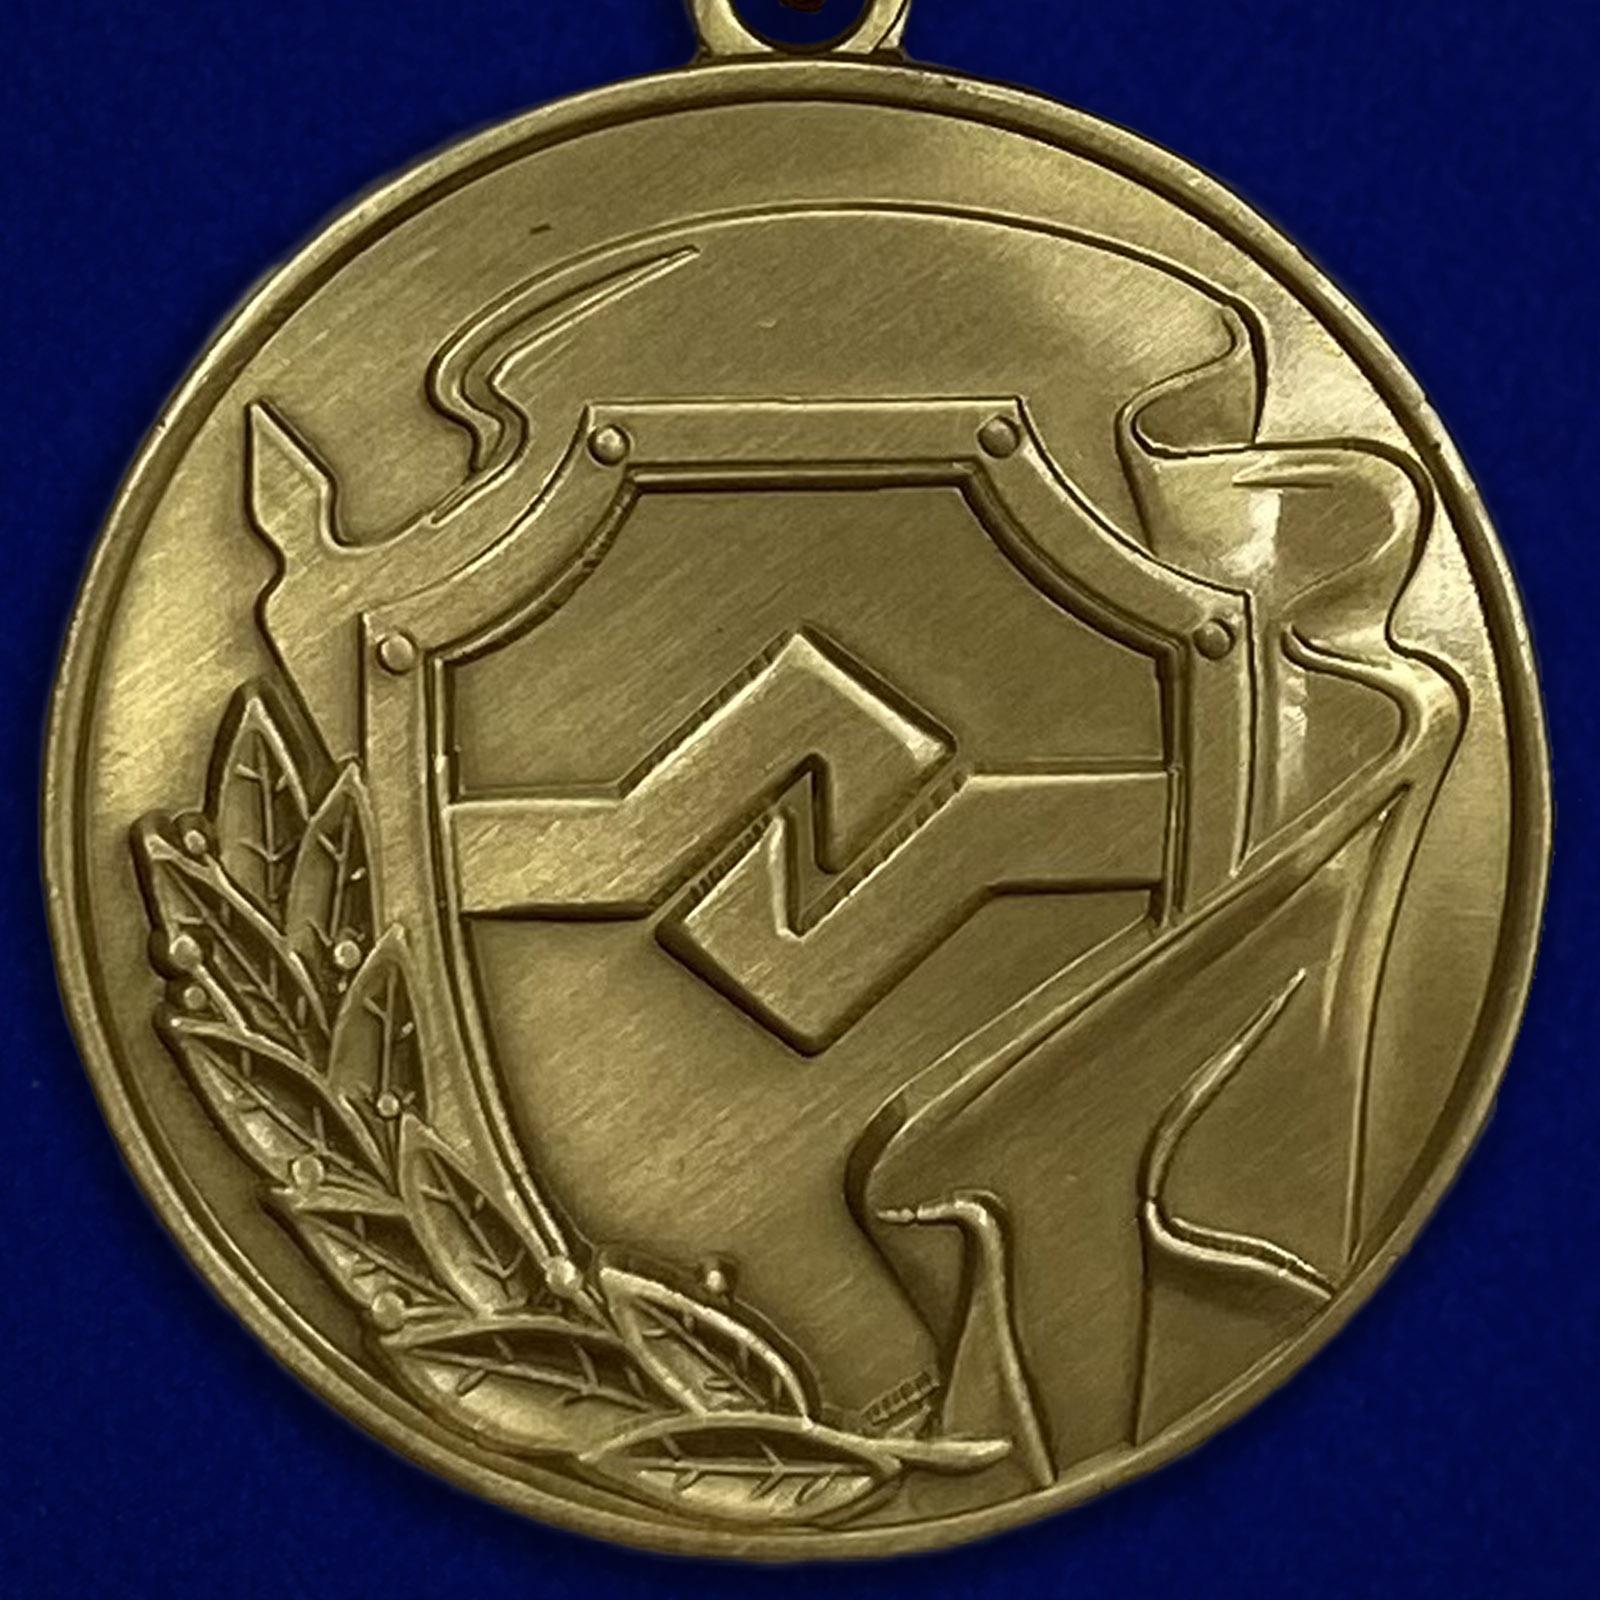 Общественная медаль «За верность долгу и Отечеству» - оборотная сторона